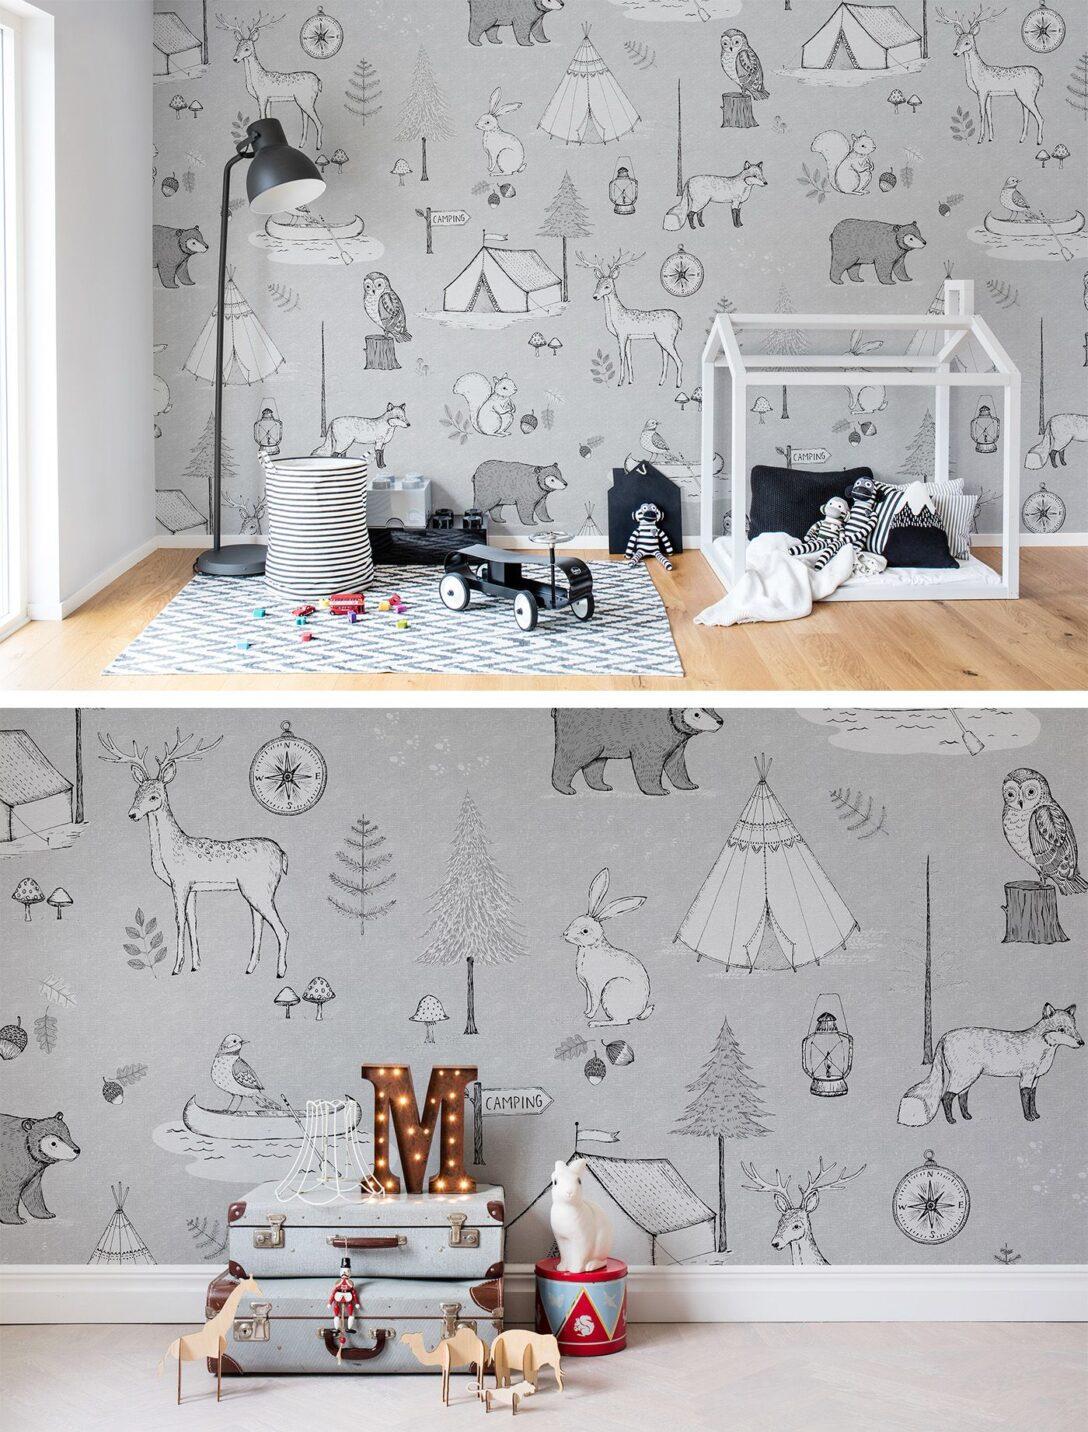 Large Size of Tapeten Kinderzimmer Regal Weiß Fototapeten Wohnzimmer Für Küche Die Sofa Regale Schlafzimmer Ideen Kinderzimmer Tapeten Kinderzimmer